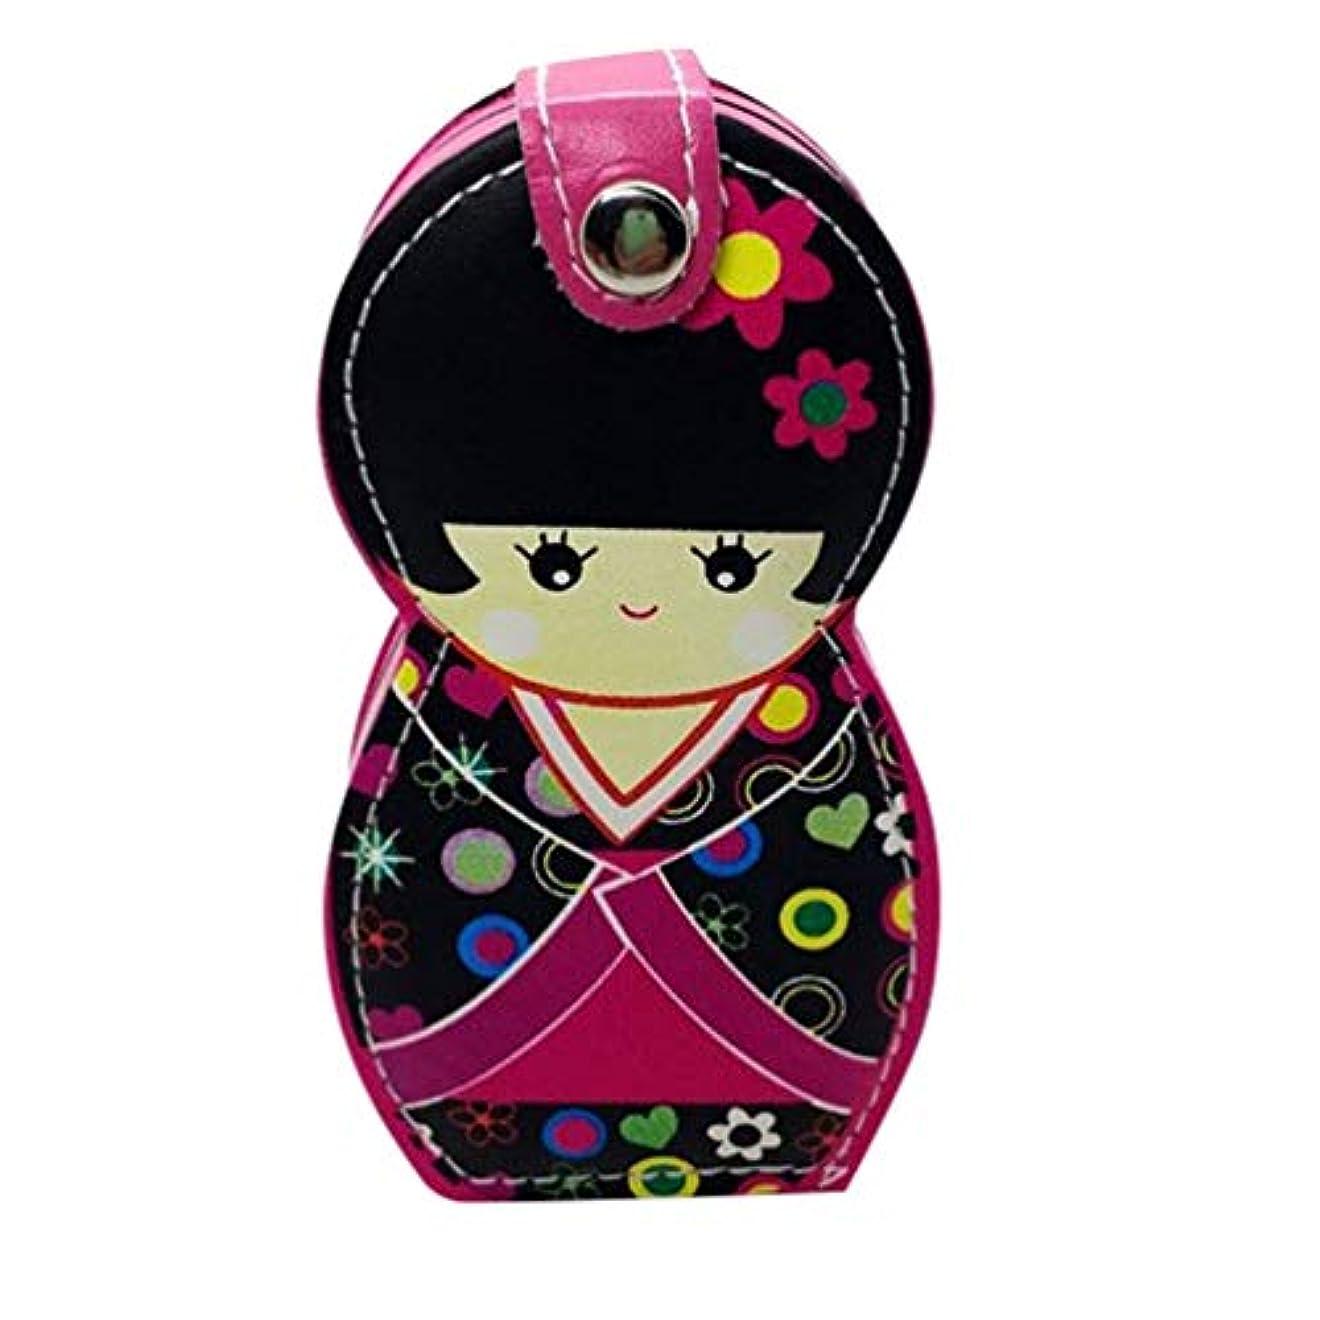 証書相談する軽蔑するHongma ネイルケアセット マニキュアセット 可愛い 日本人形 ロシア人形 グルーミングキット 爪やすり 爪切りセット 携帯便利 収納ケース付き (日本人形ピンク)